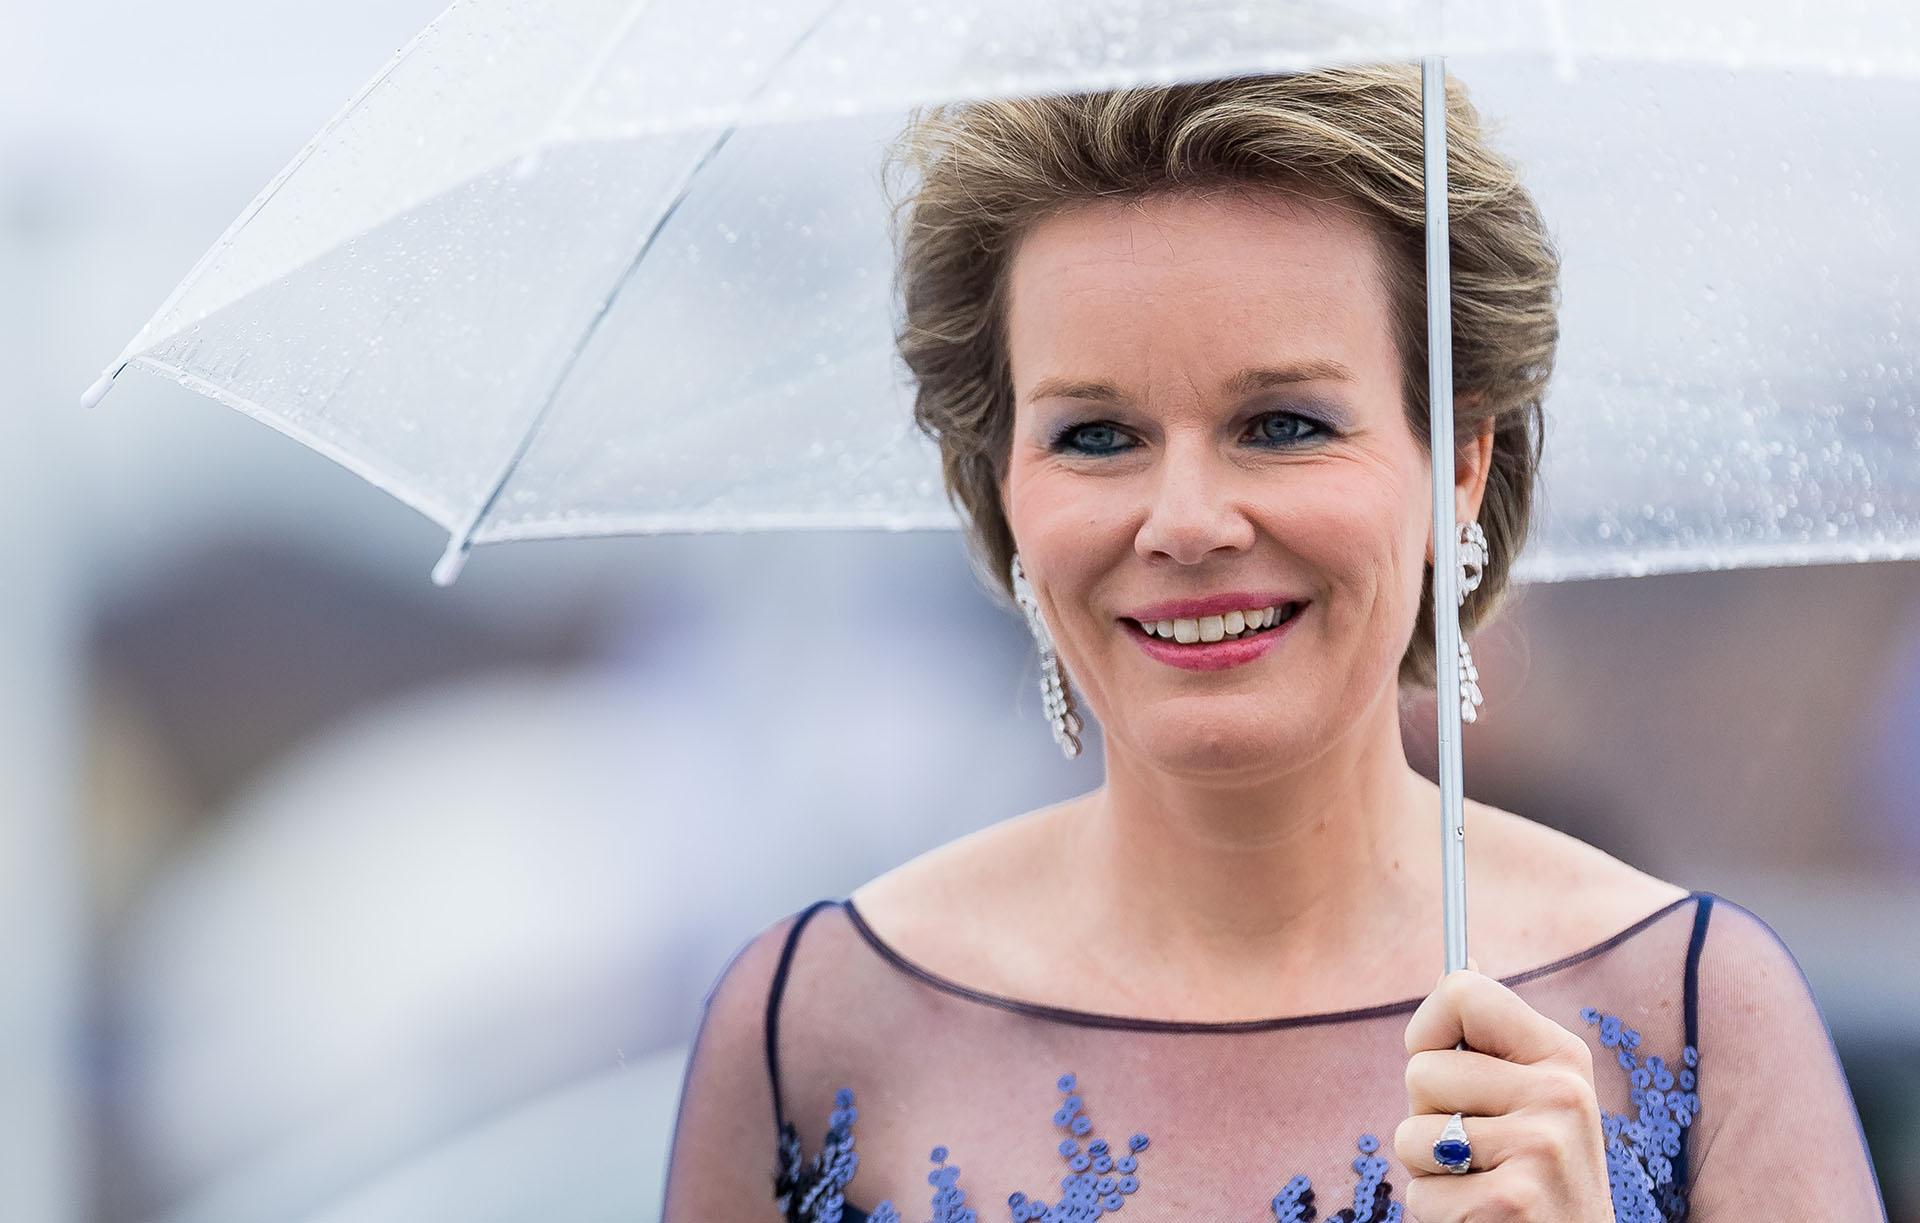 La reina Mathilde de Bélgica